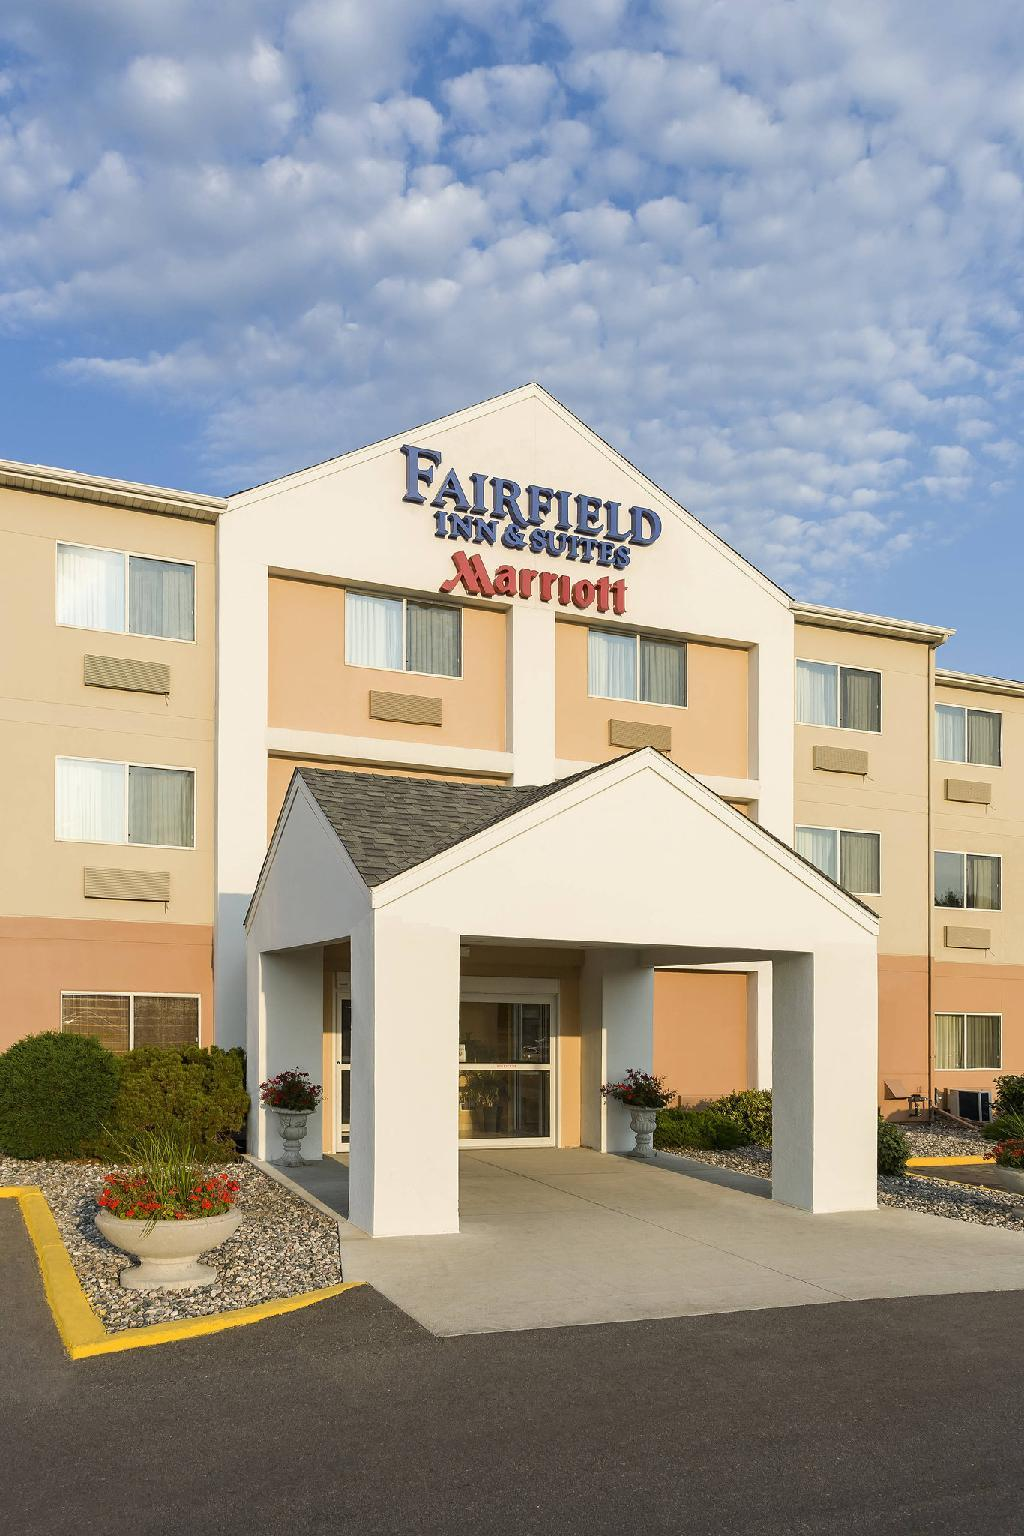 Fairfield Inn & Suites Fargo